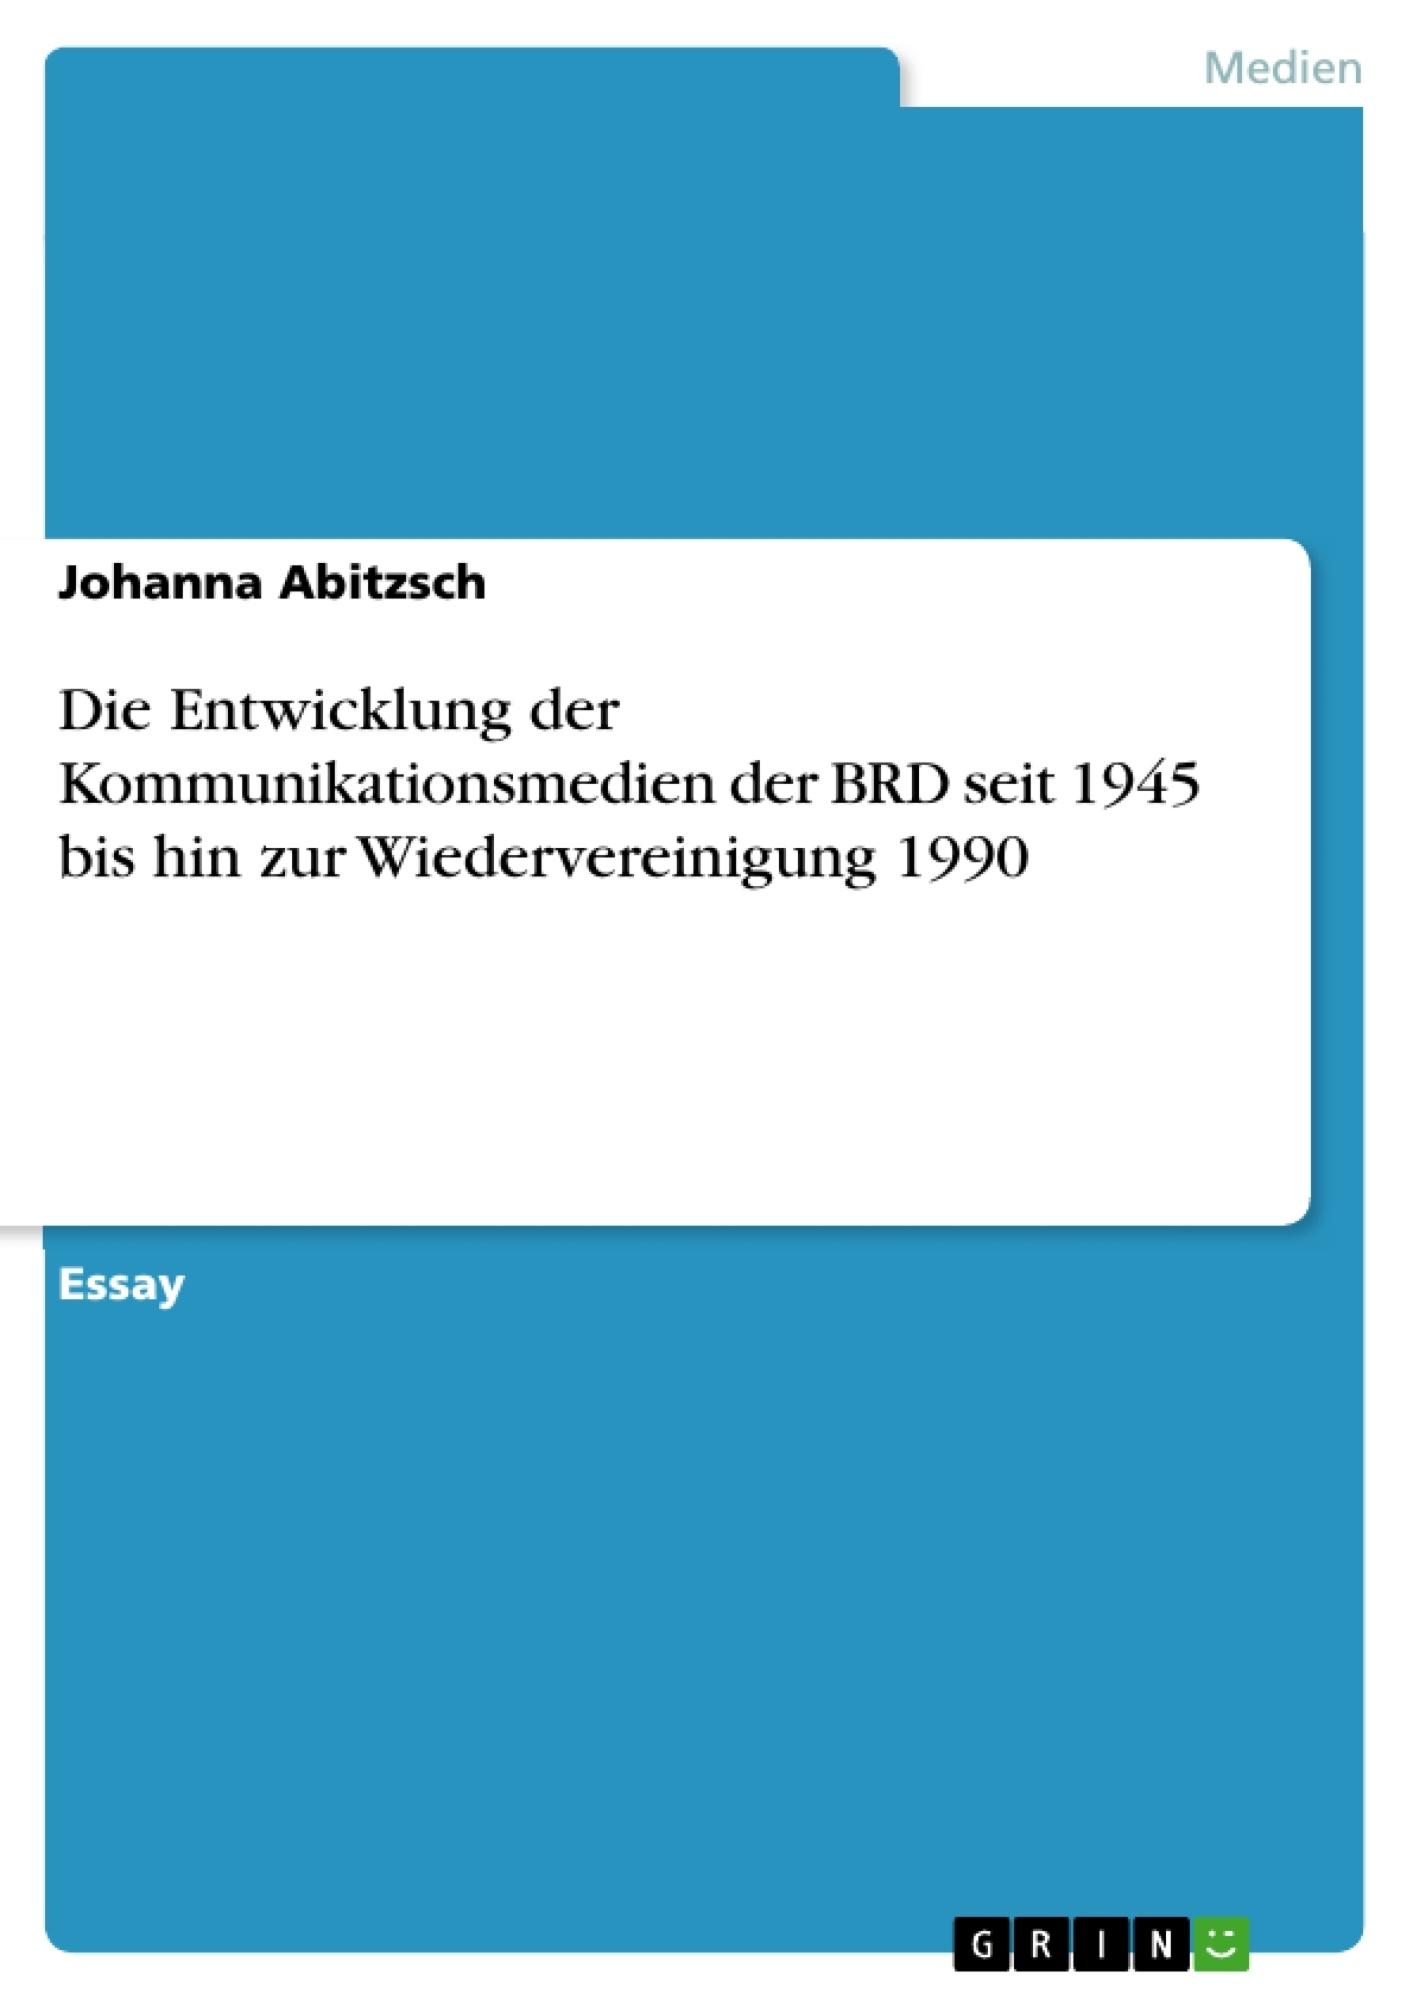 Titel: Die Entwicklung der Kommunikationsmedien der BRD seit 1945 bis hin zur Wiedervereinigung 1990